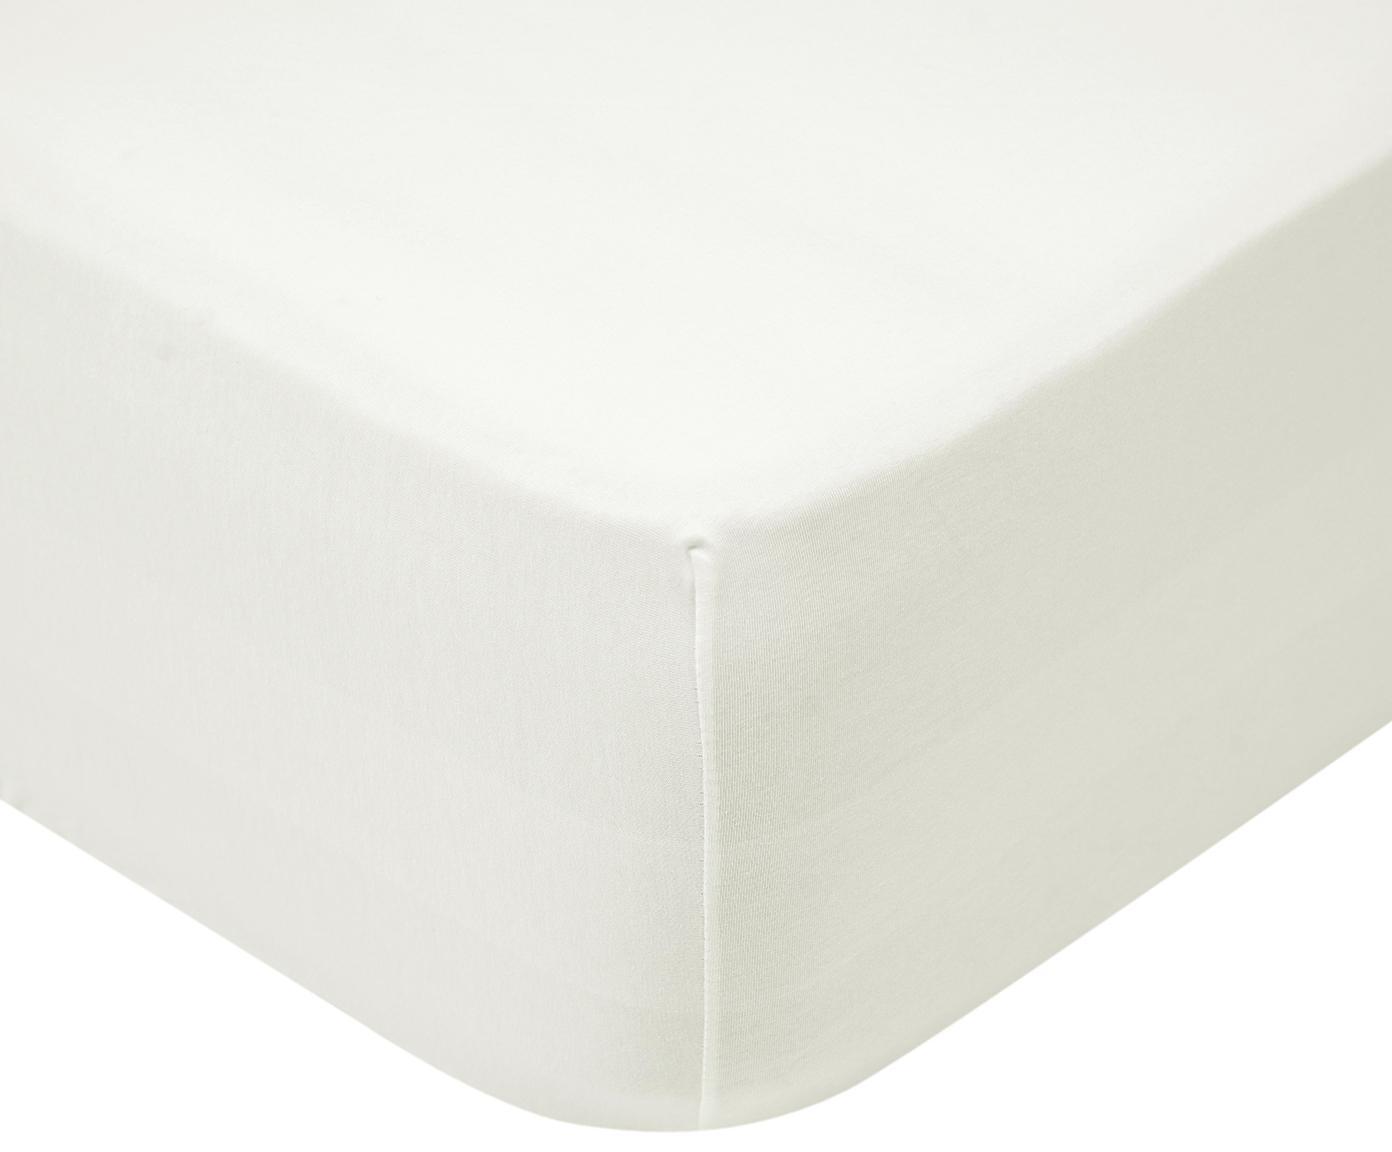 Jersey hoeslaken Lara, 95% katoen, 5% elastaan, Crèmekleurig, 90 x 200 cm